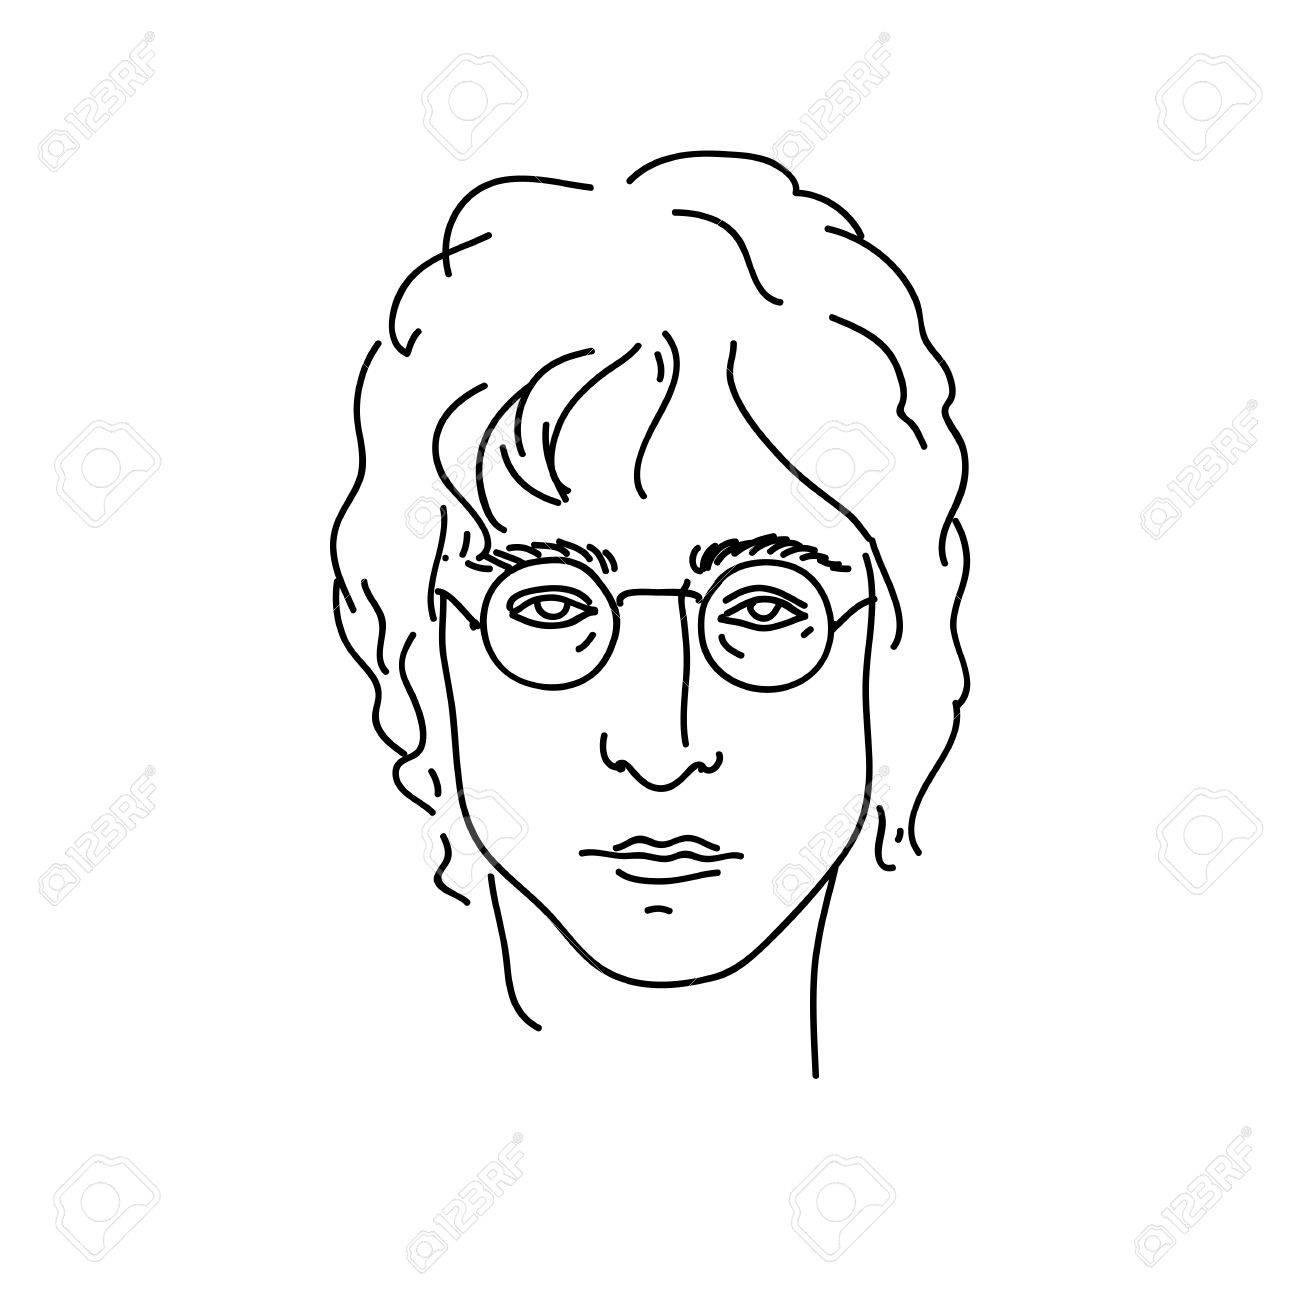 September 19 2017 creative portrait of john lennon musician september 19 2017 creative portrait of john lennon musician from beatles line buycottarizona